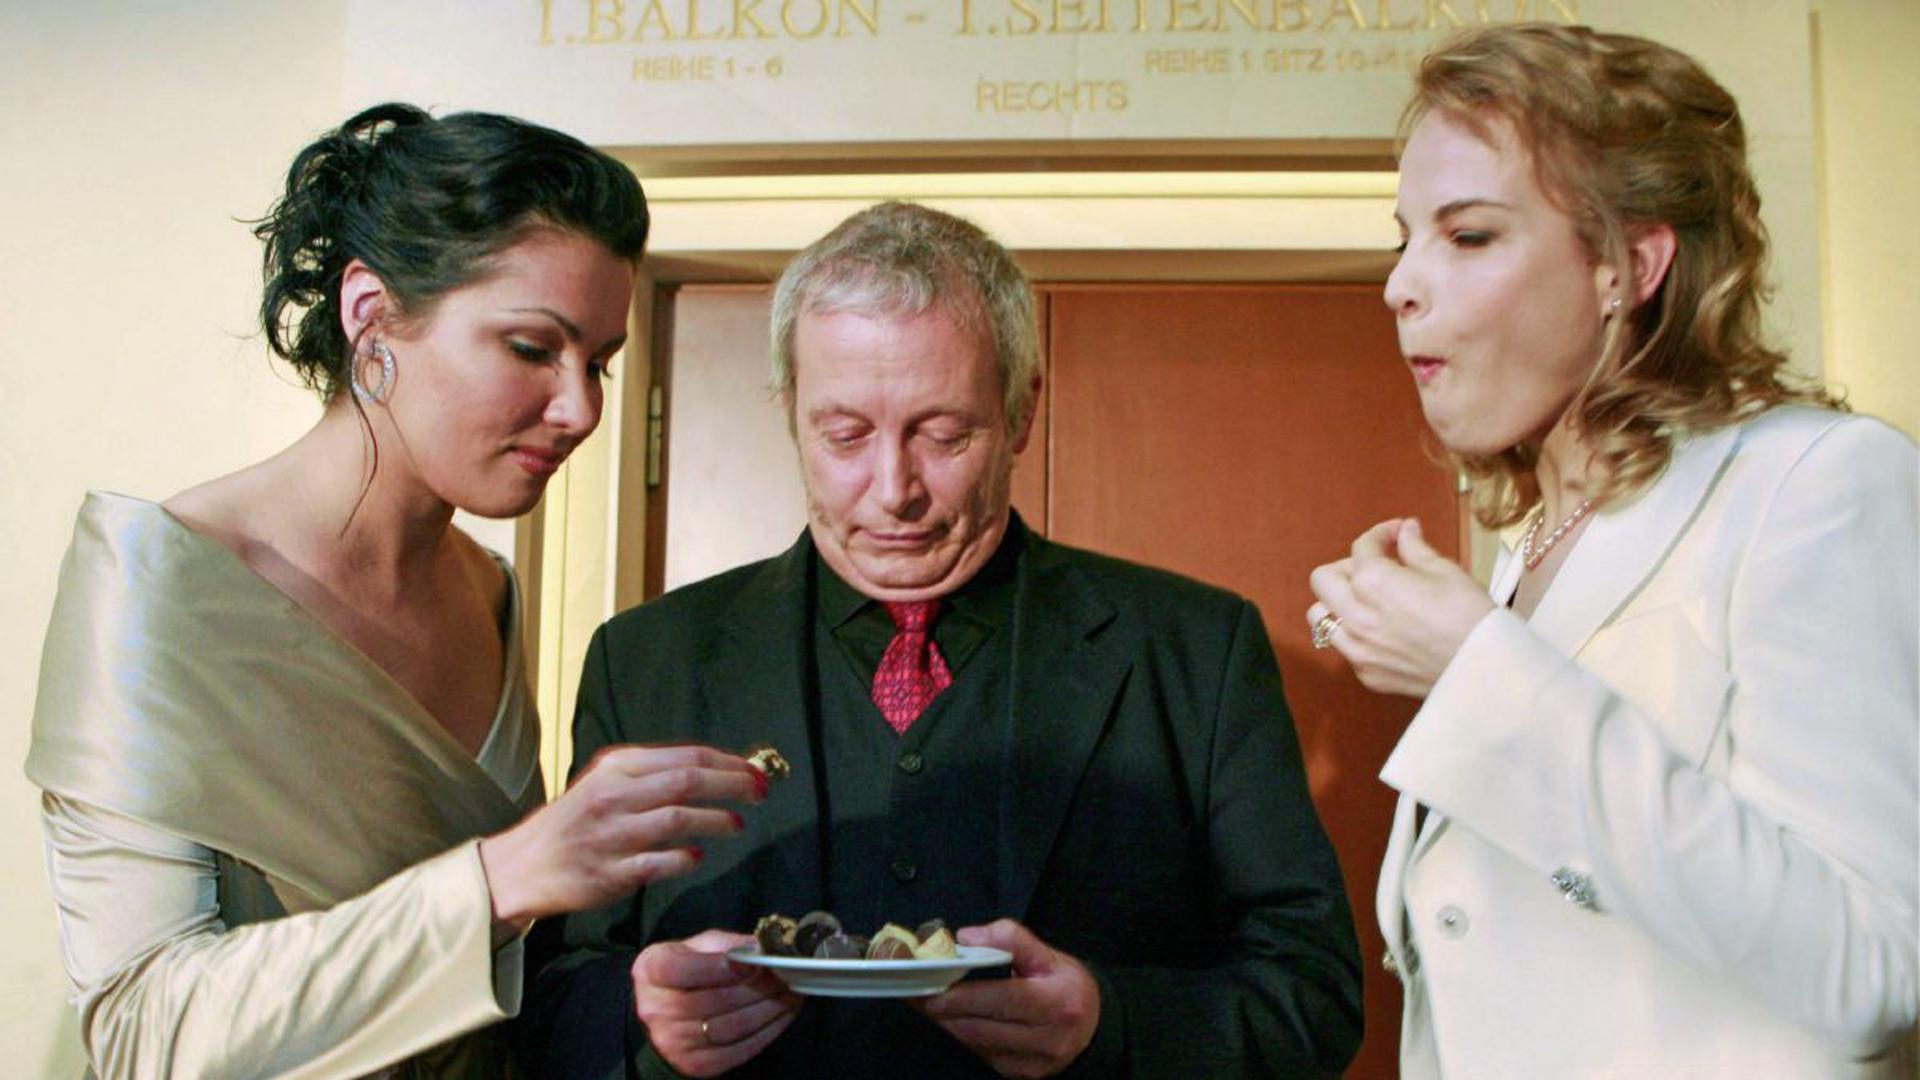 Süße Verführung: Die Sängerinnen Anna Netrebko und Elina Garanca mit dem Intendanten im Jahr 2007.